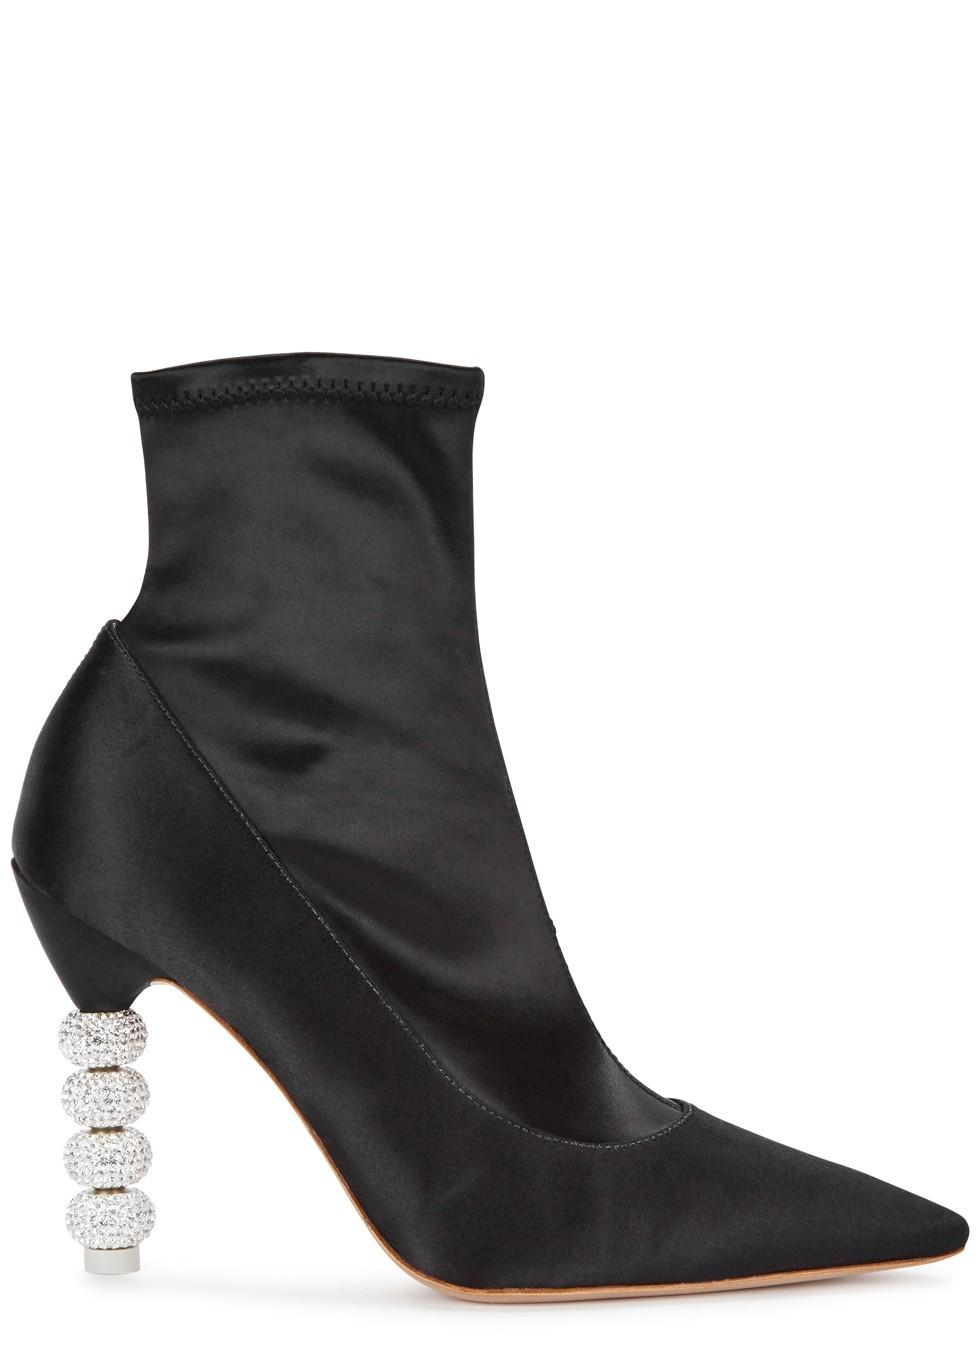 Sophia-Webster-Ankle-Boots